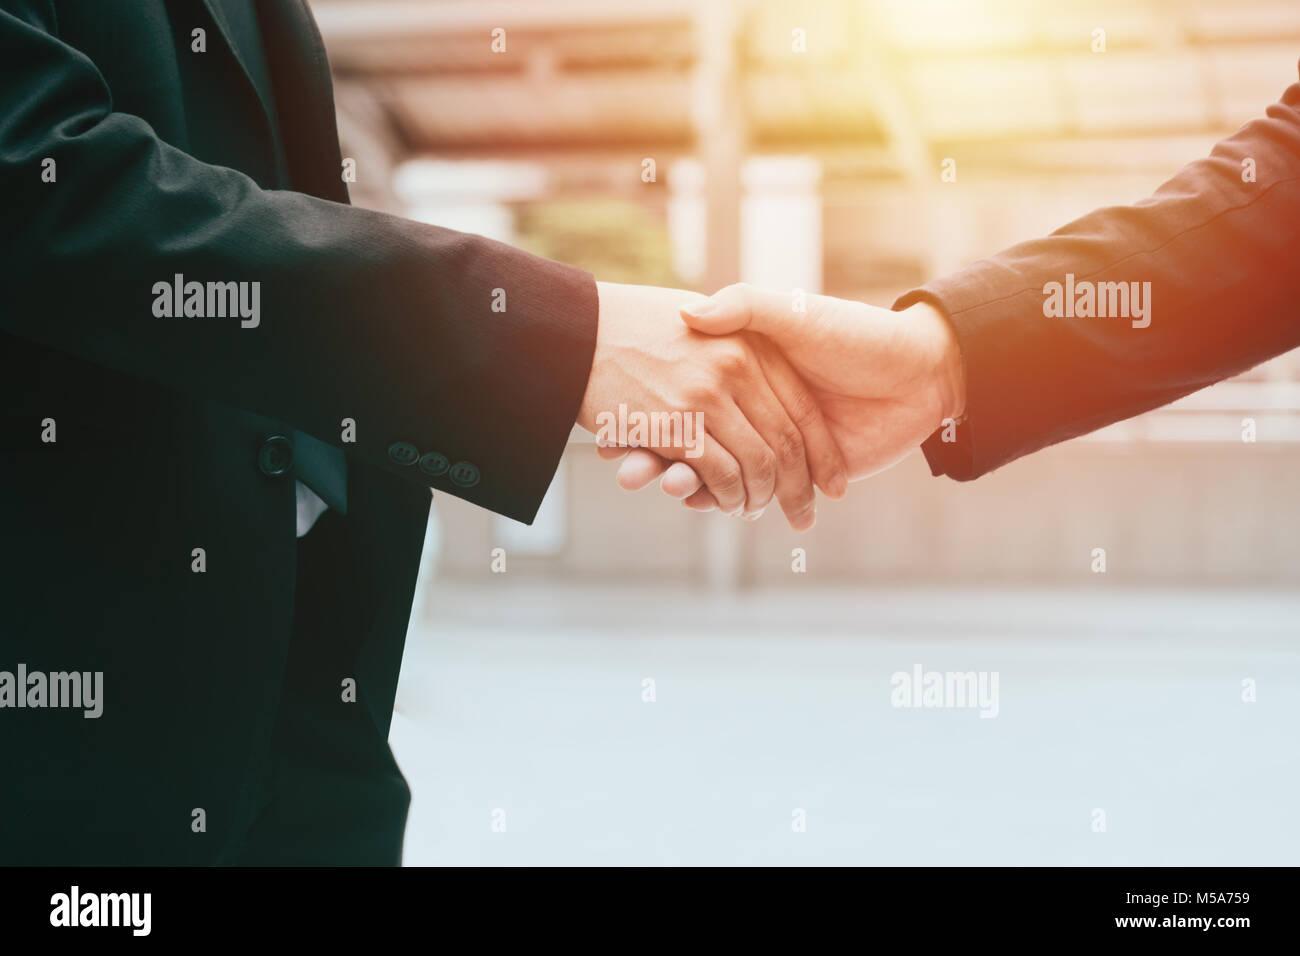 Business man hand shaking la conclusion d'une affaire, business team concept de partenariat Banque D'Images